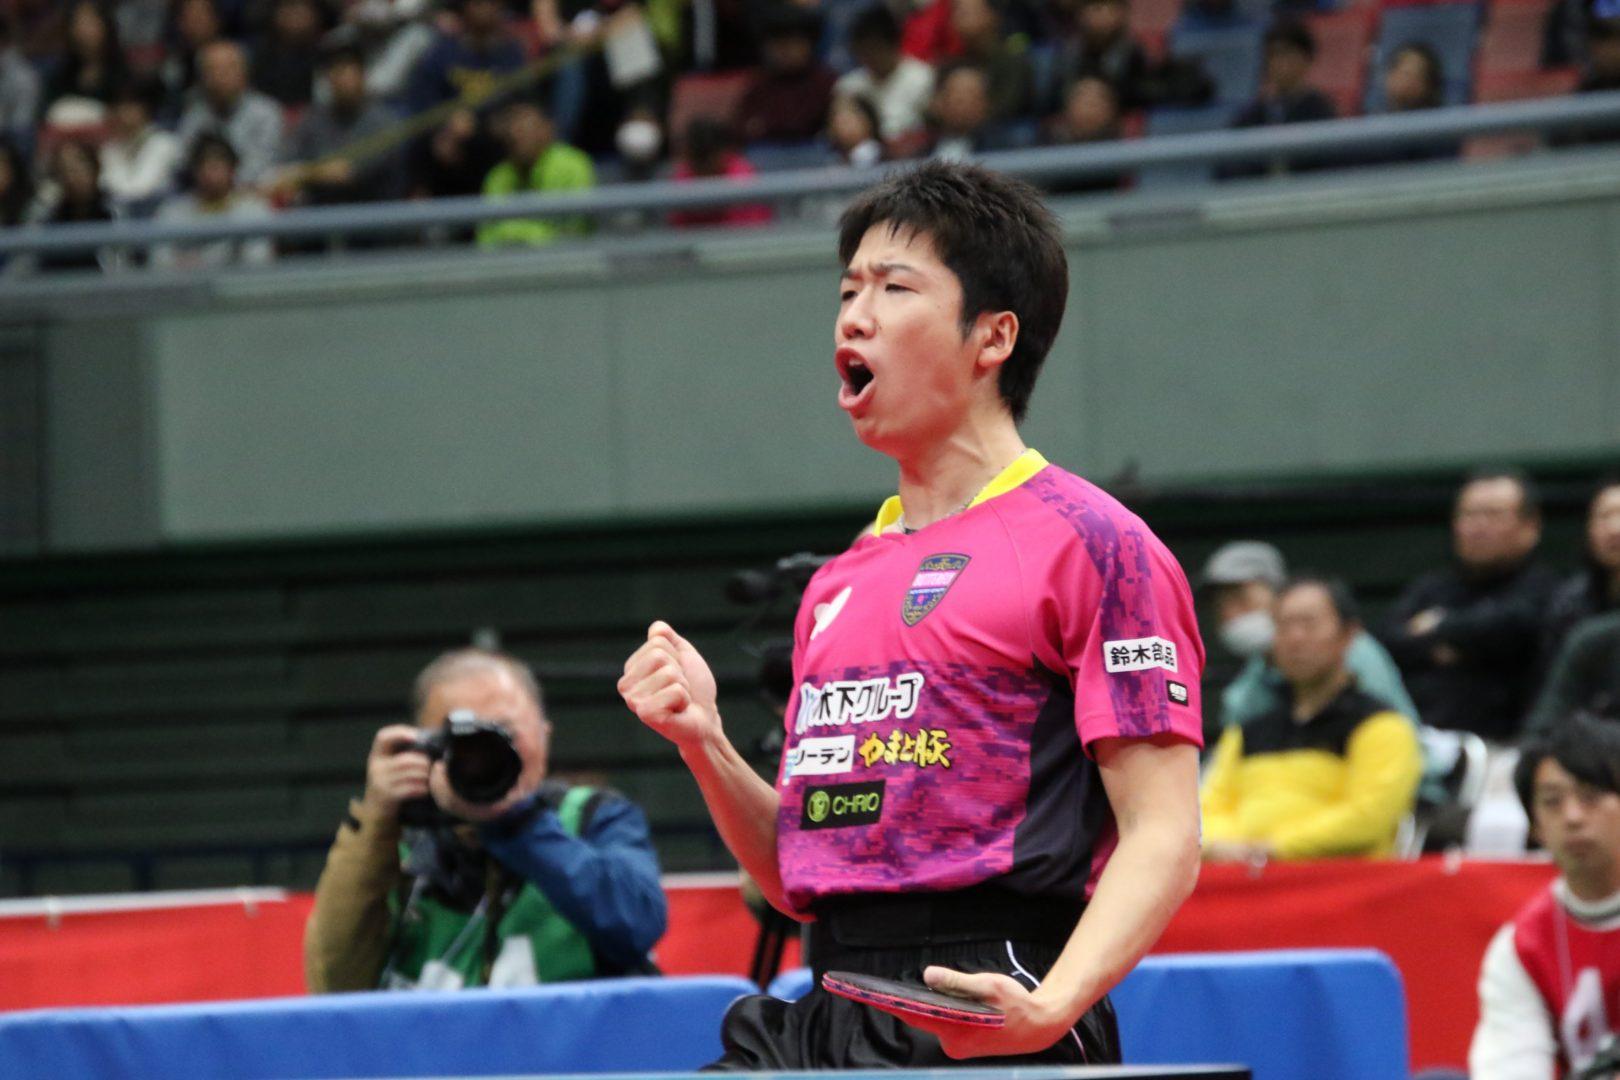 【速報】水谷隼が全日本王者返り咲き 前人未到の10度目V<全日本卓球2019・男子単>